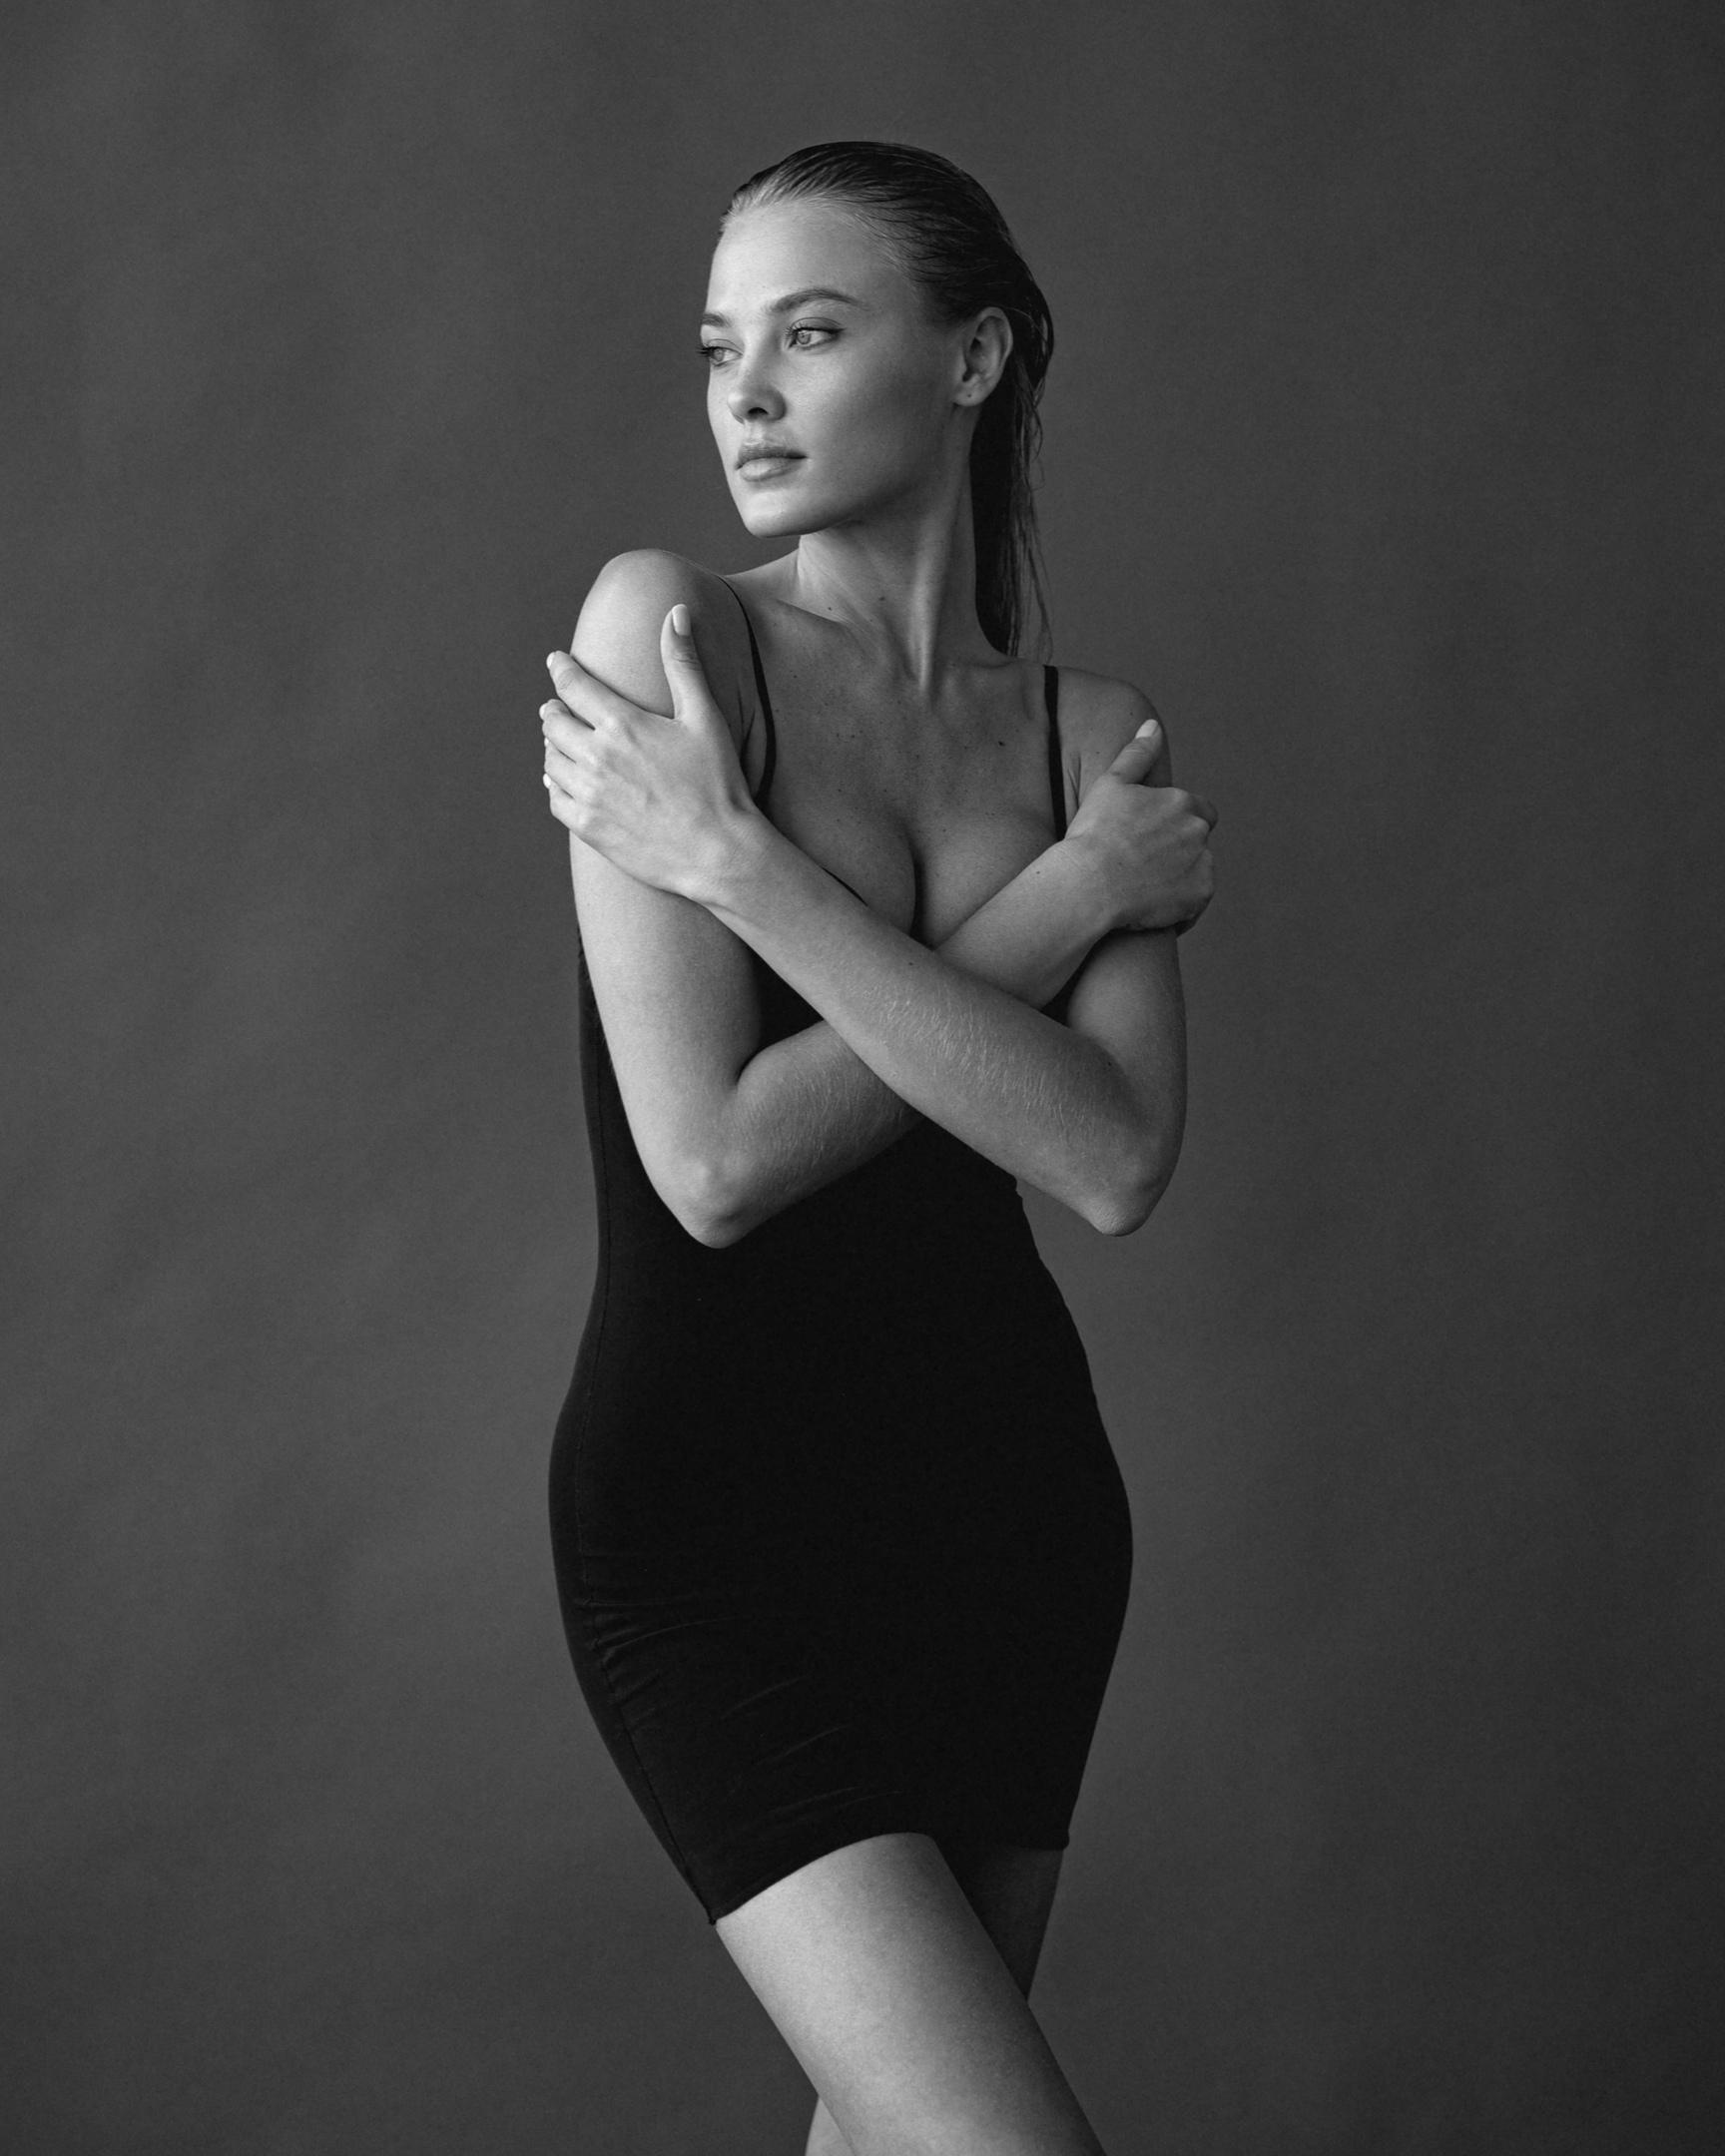 Katya Feoktistova by Mikhail Kabochkin